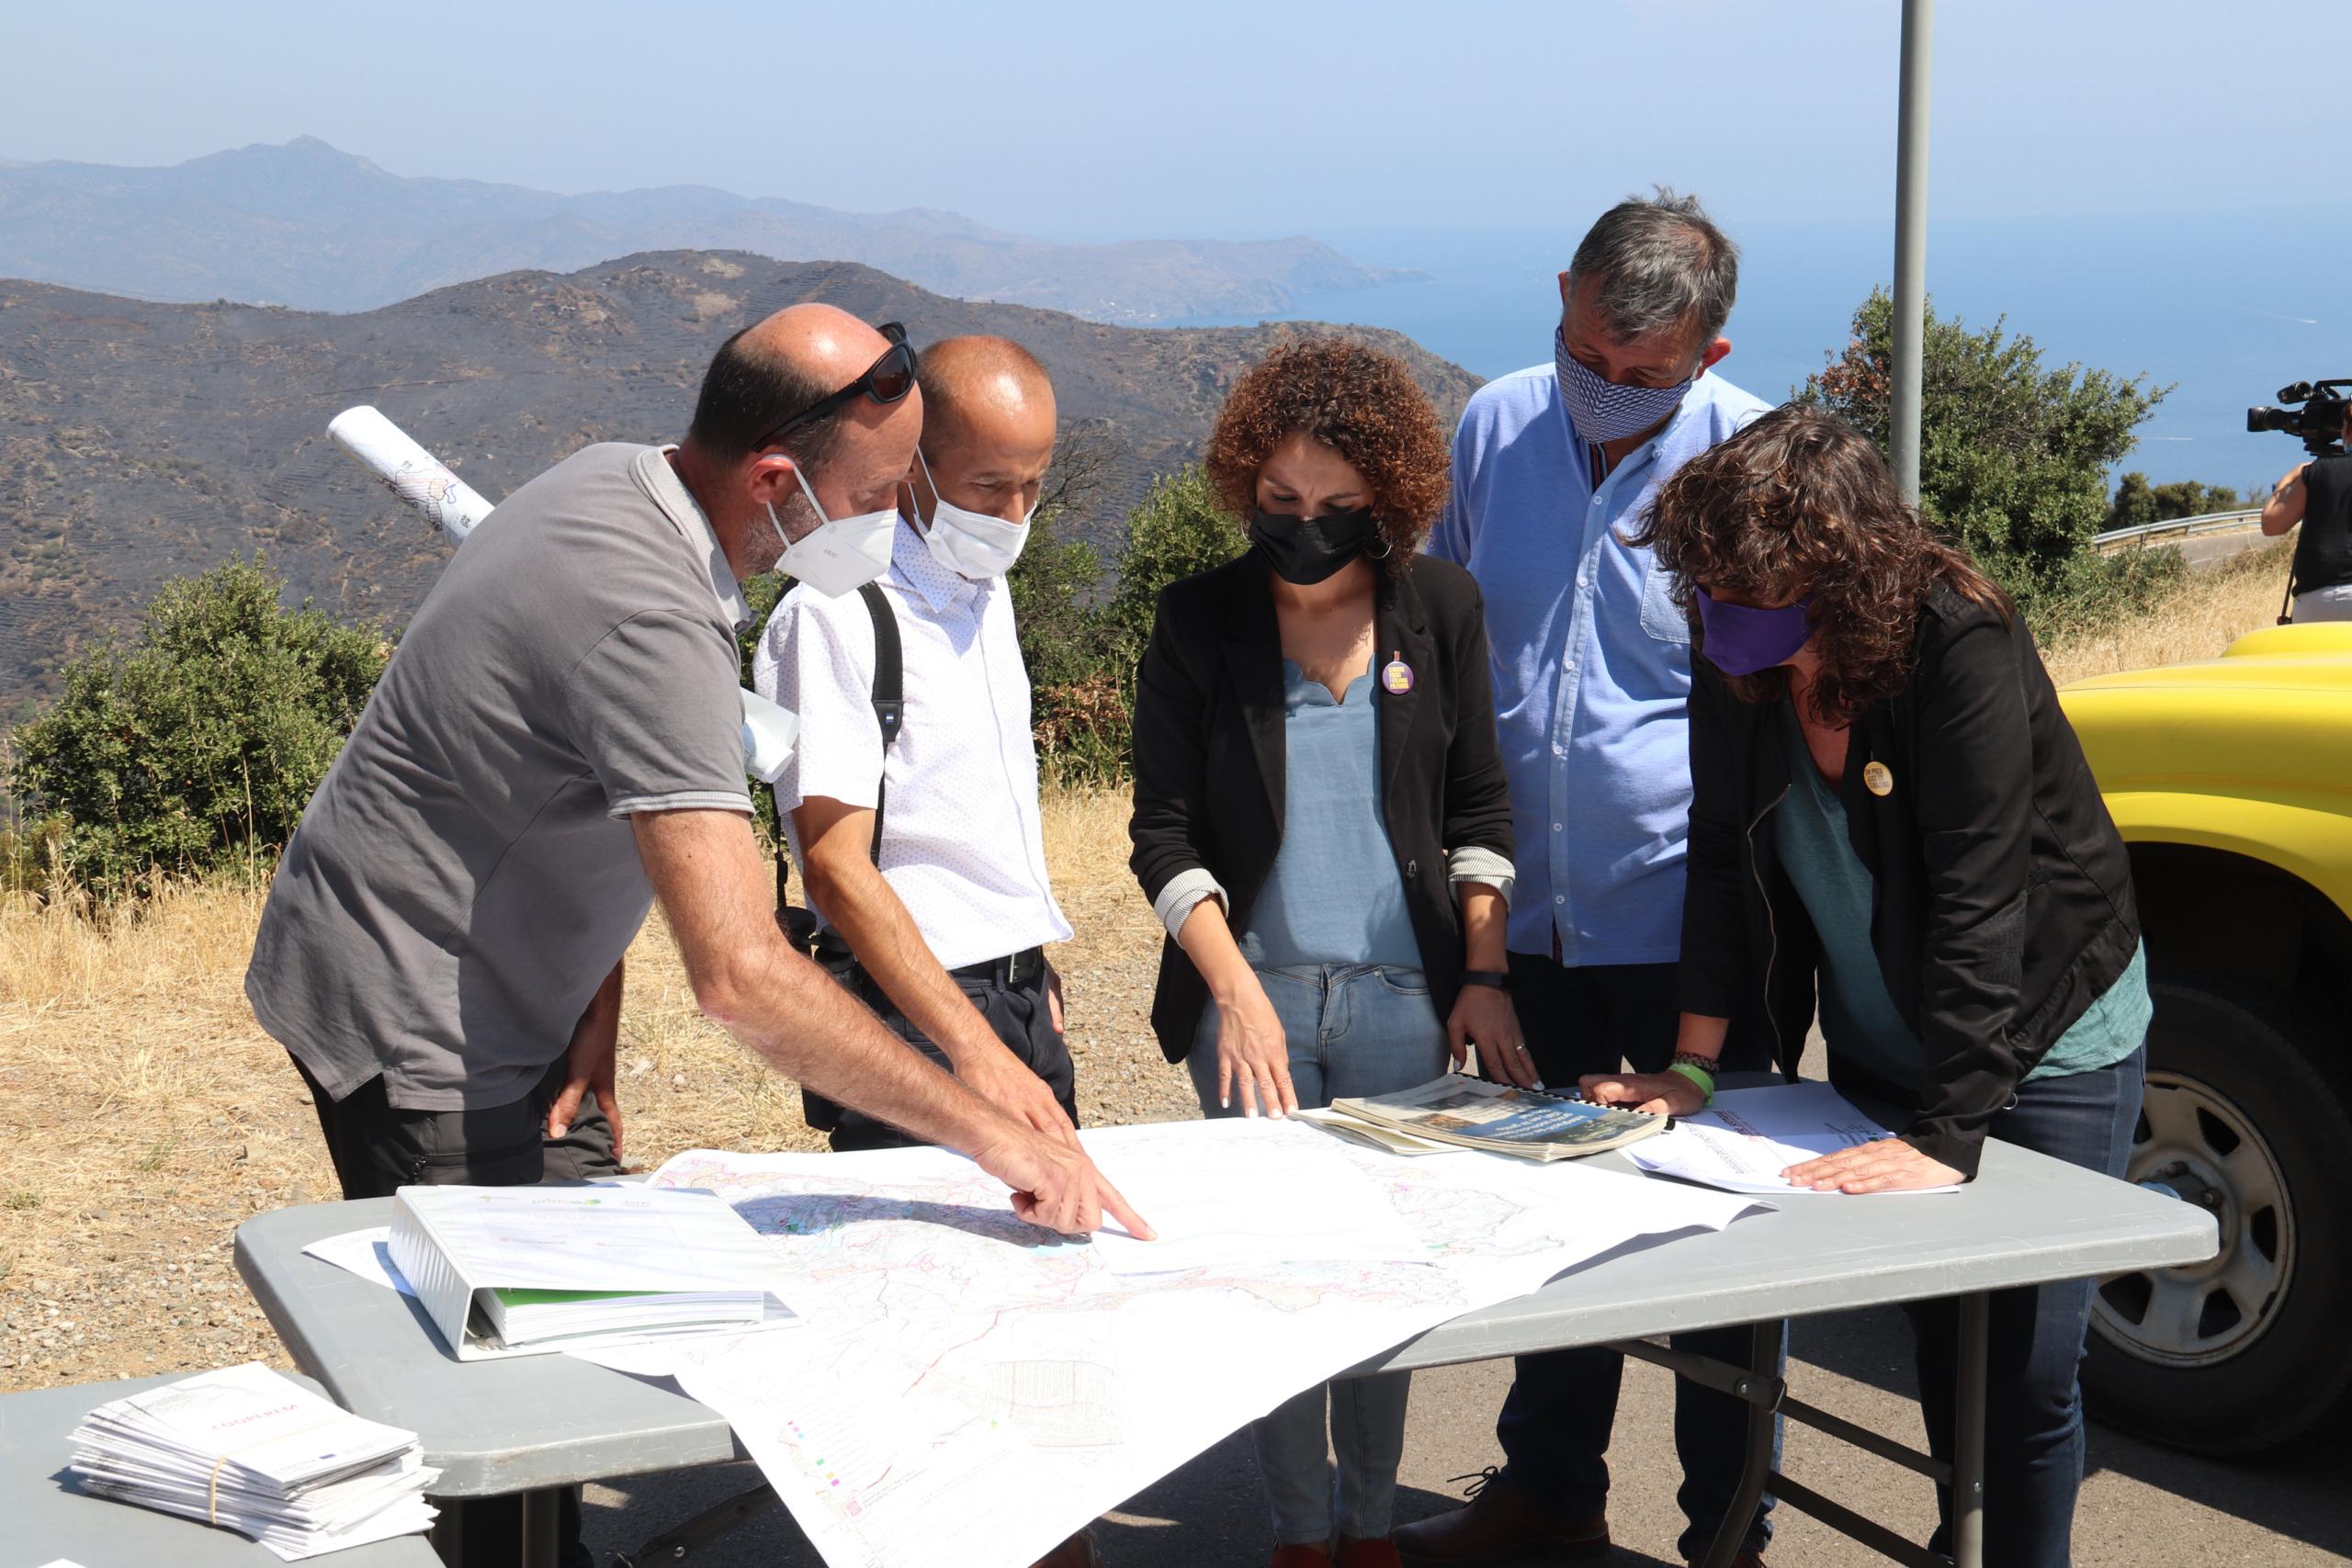 La consellera d'Acció Climàtica, Teresa Jordà, escoltant l'afectació de l'incendi del Cap de Creus amb les muntanyes de fons cremades el 21 de juliol de 2021 (ACN)